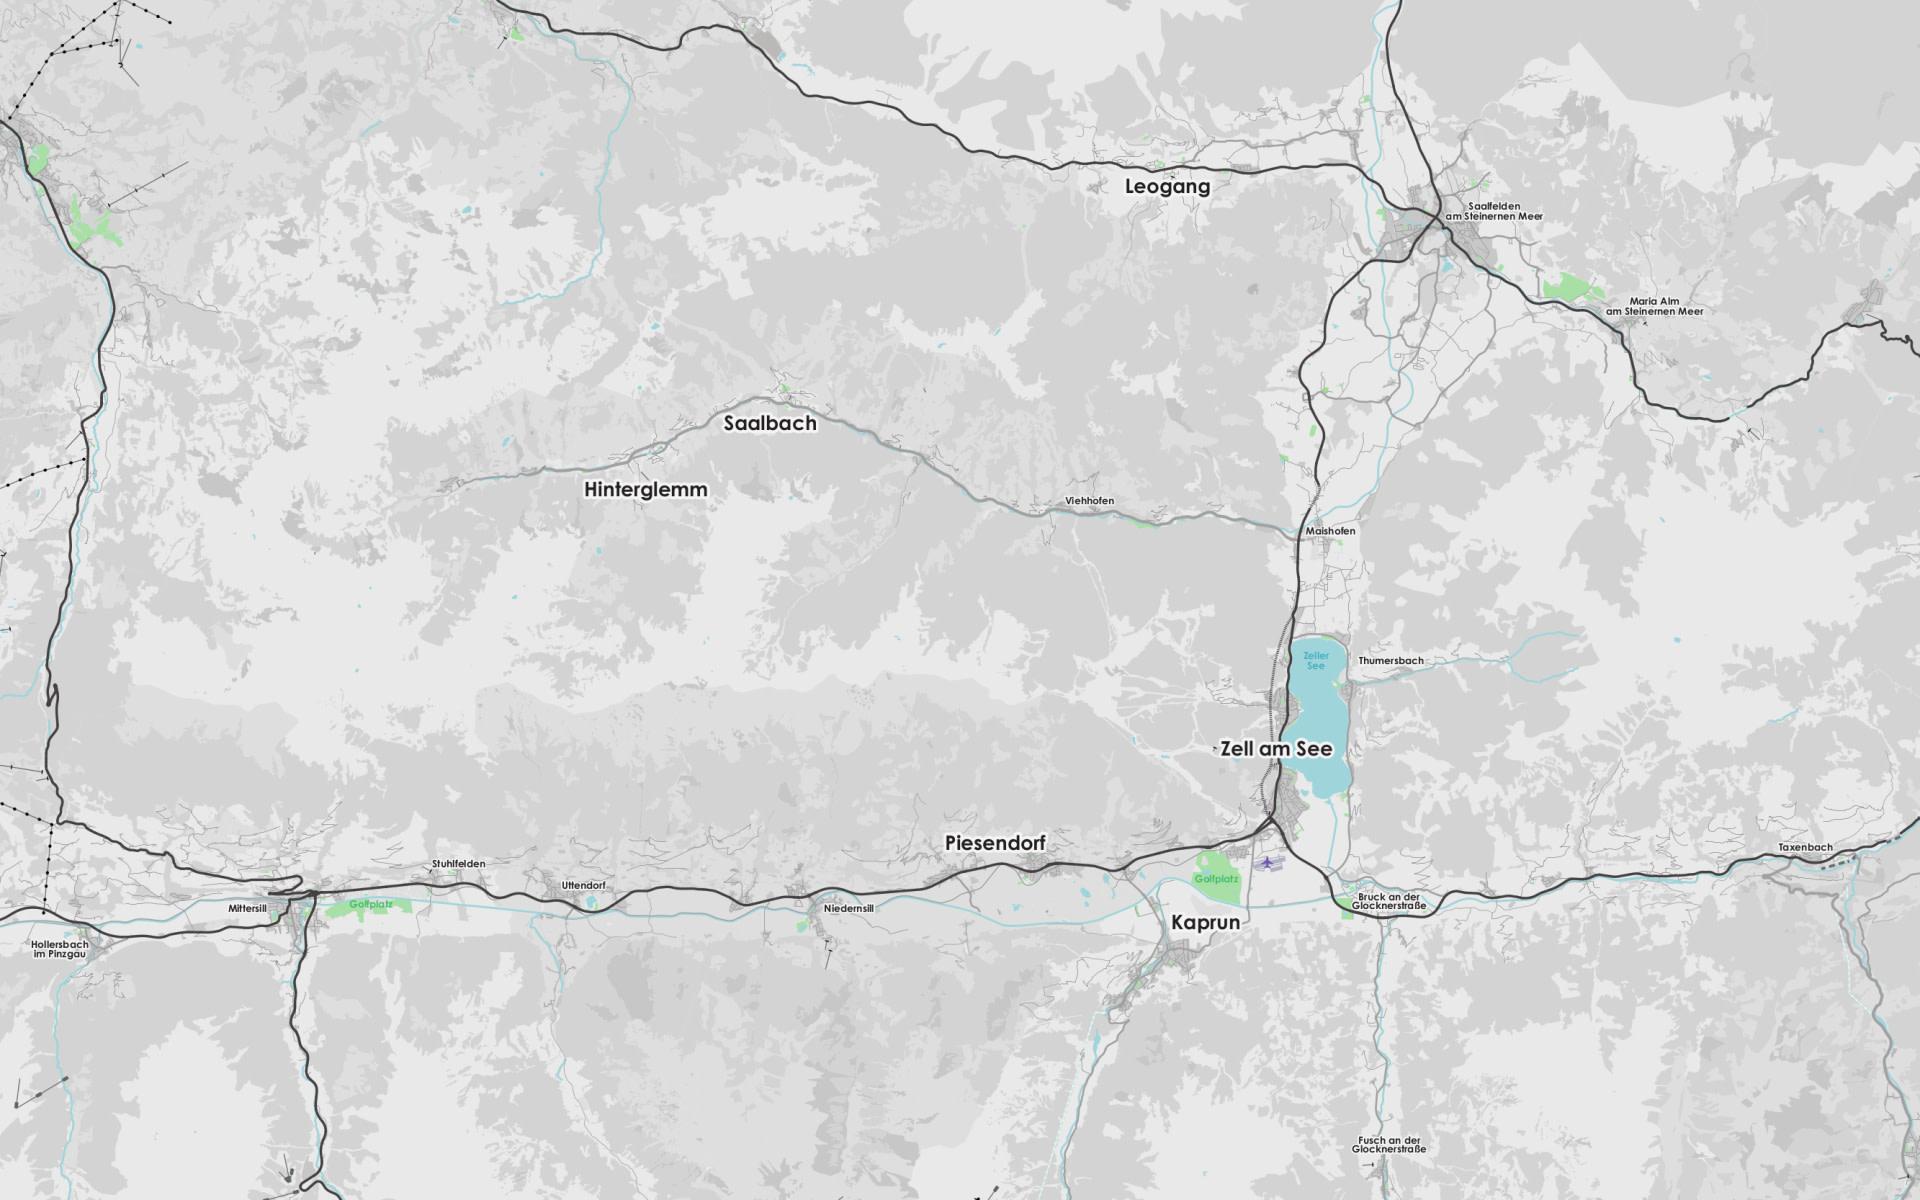 AF.Mappe.ohne.punkte